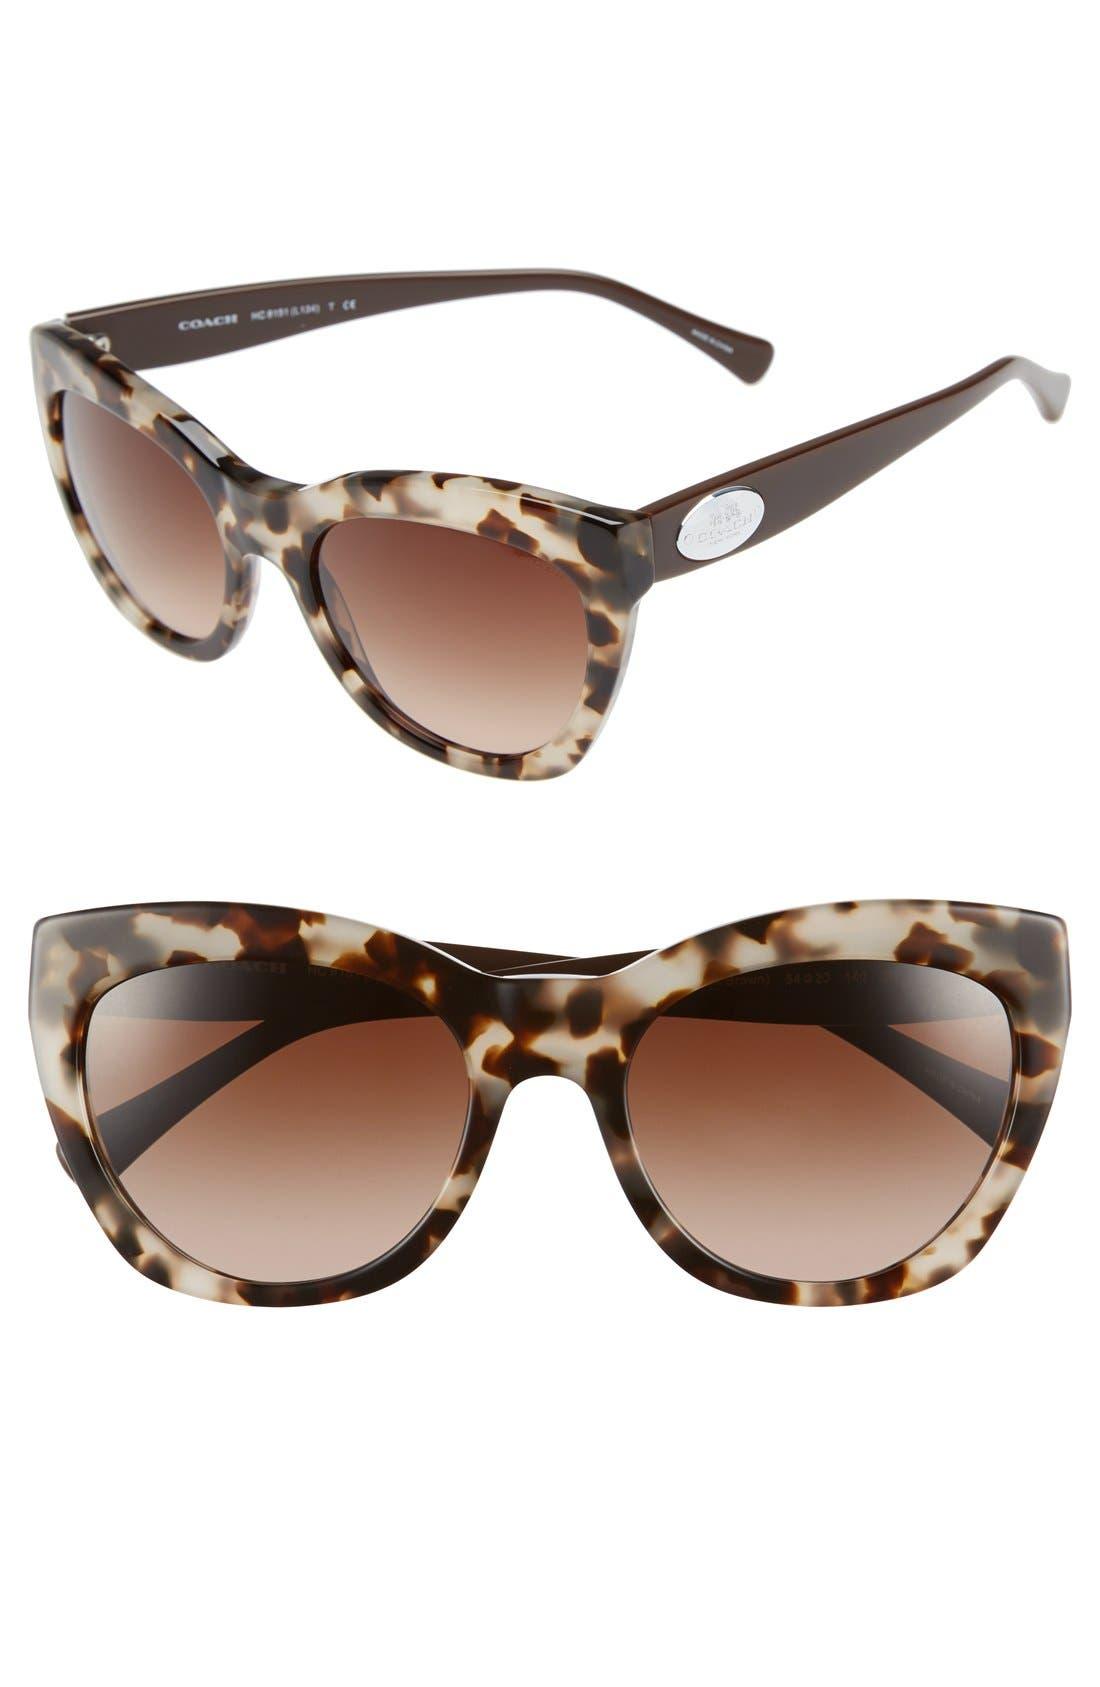 54mm Retro Sunglasses,                             Main thumbnail 1, color,                             Light Tortoise